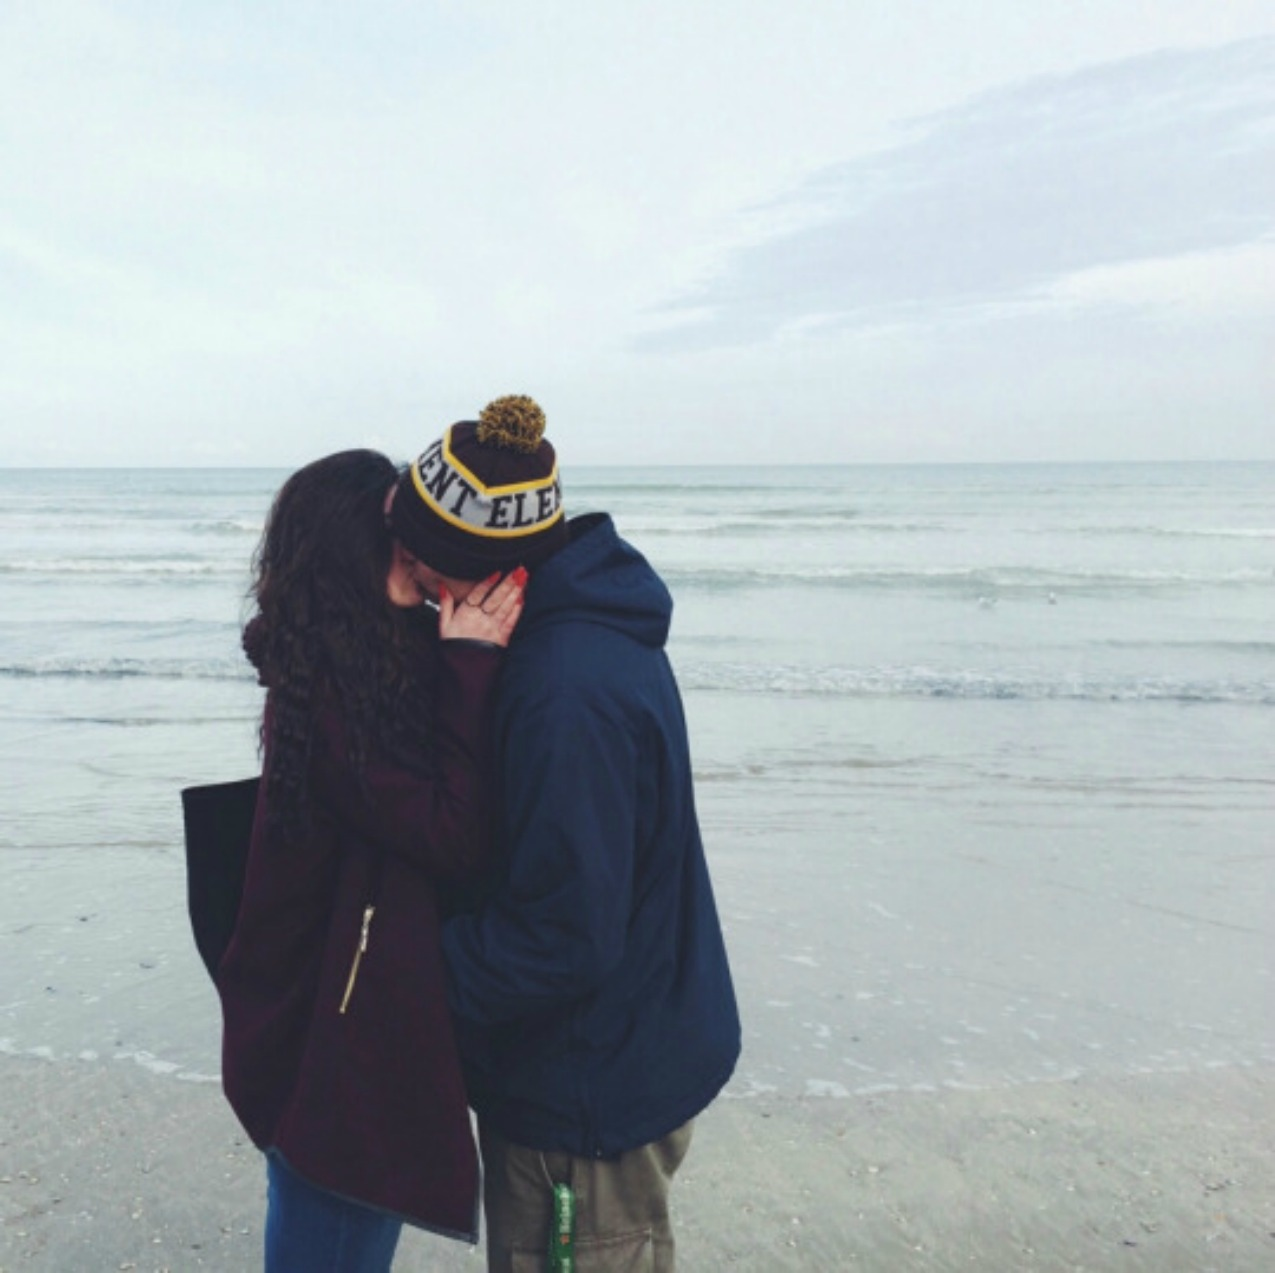 D'amore e di mare d'autunno, alessia milanese, thechilicool, fashion blog, fashion blogger